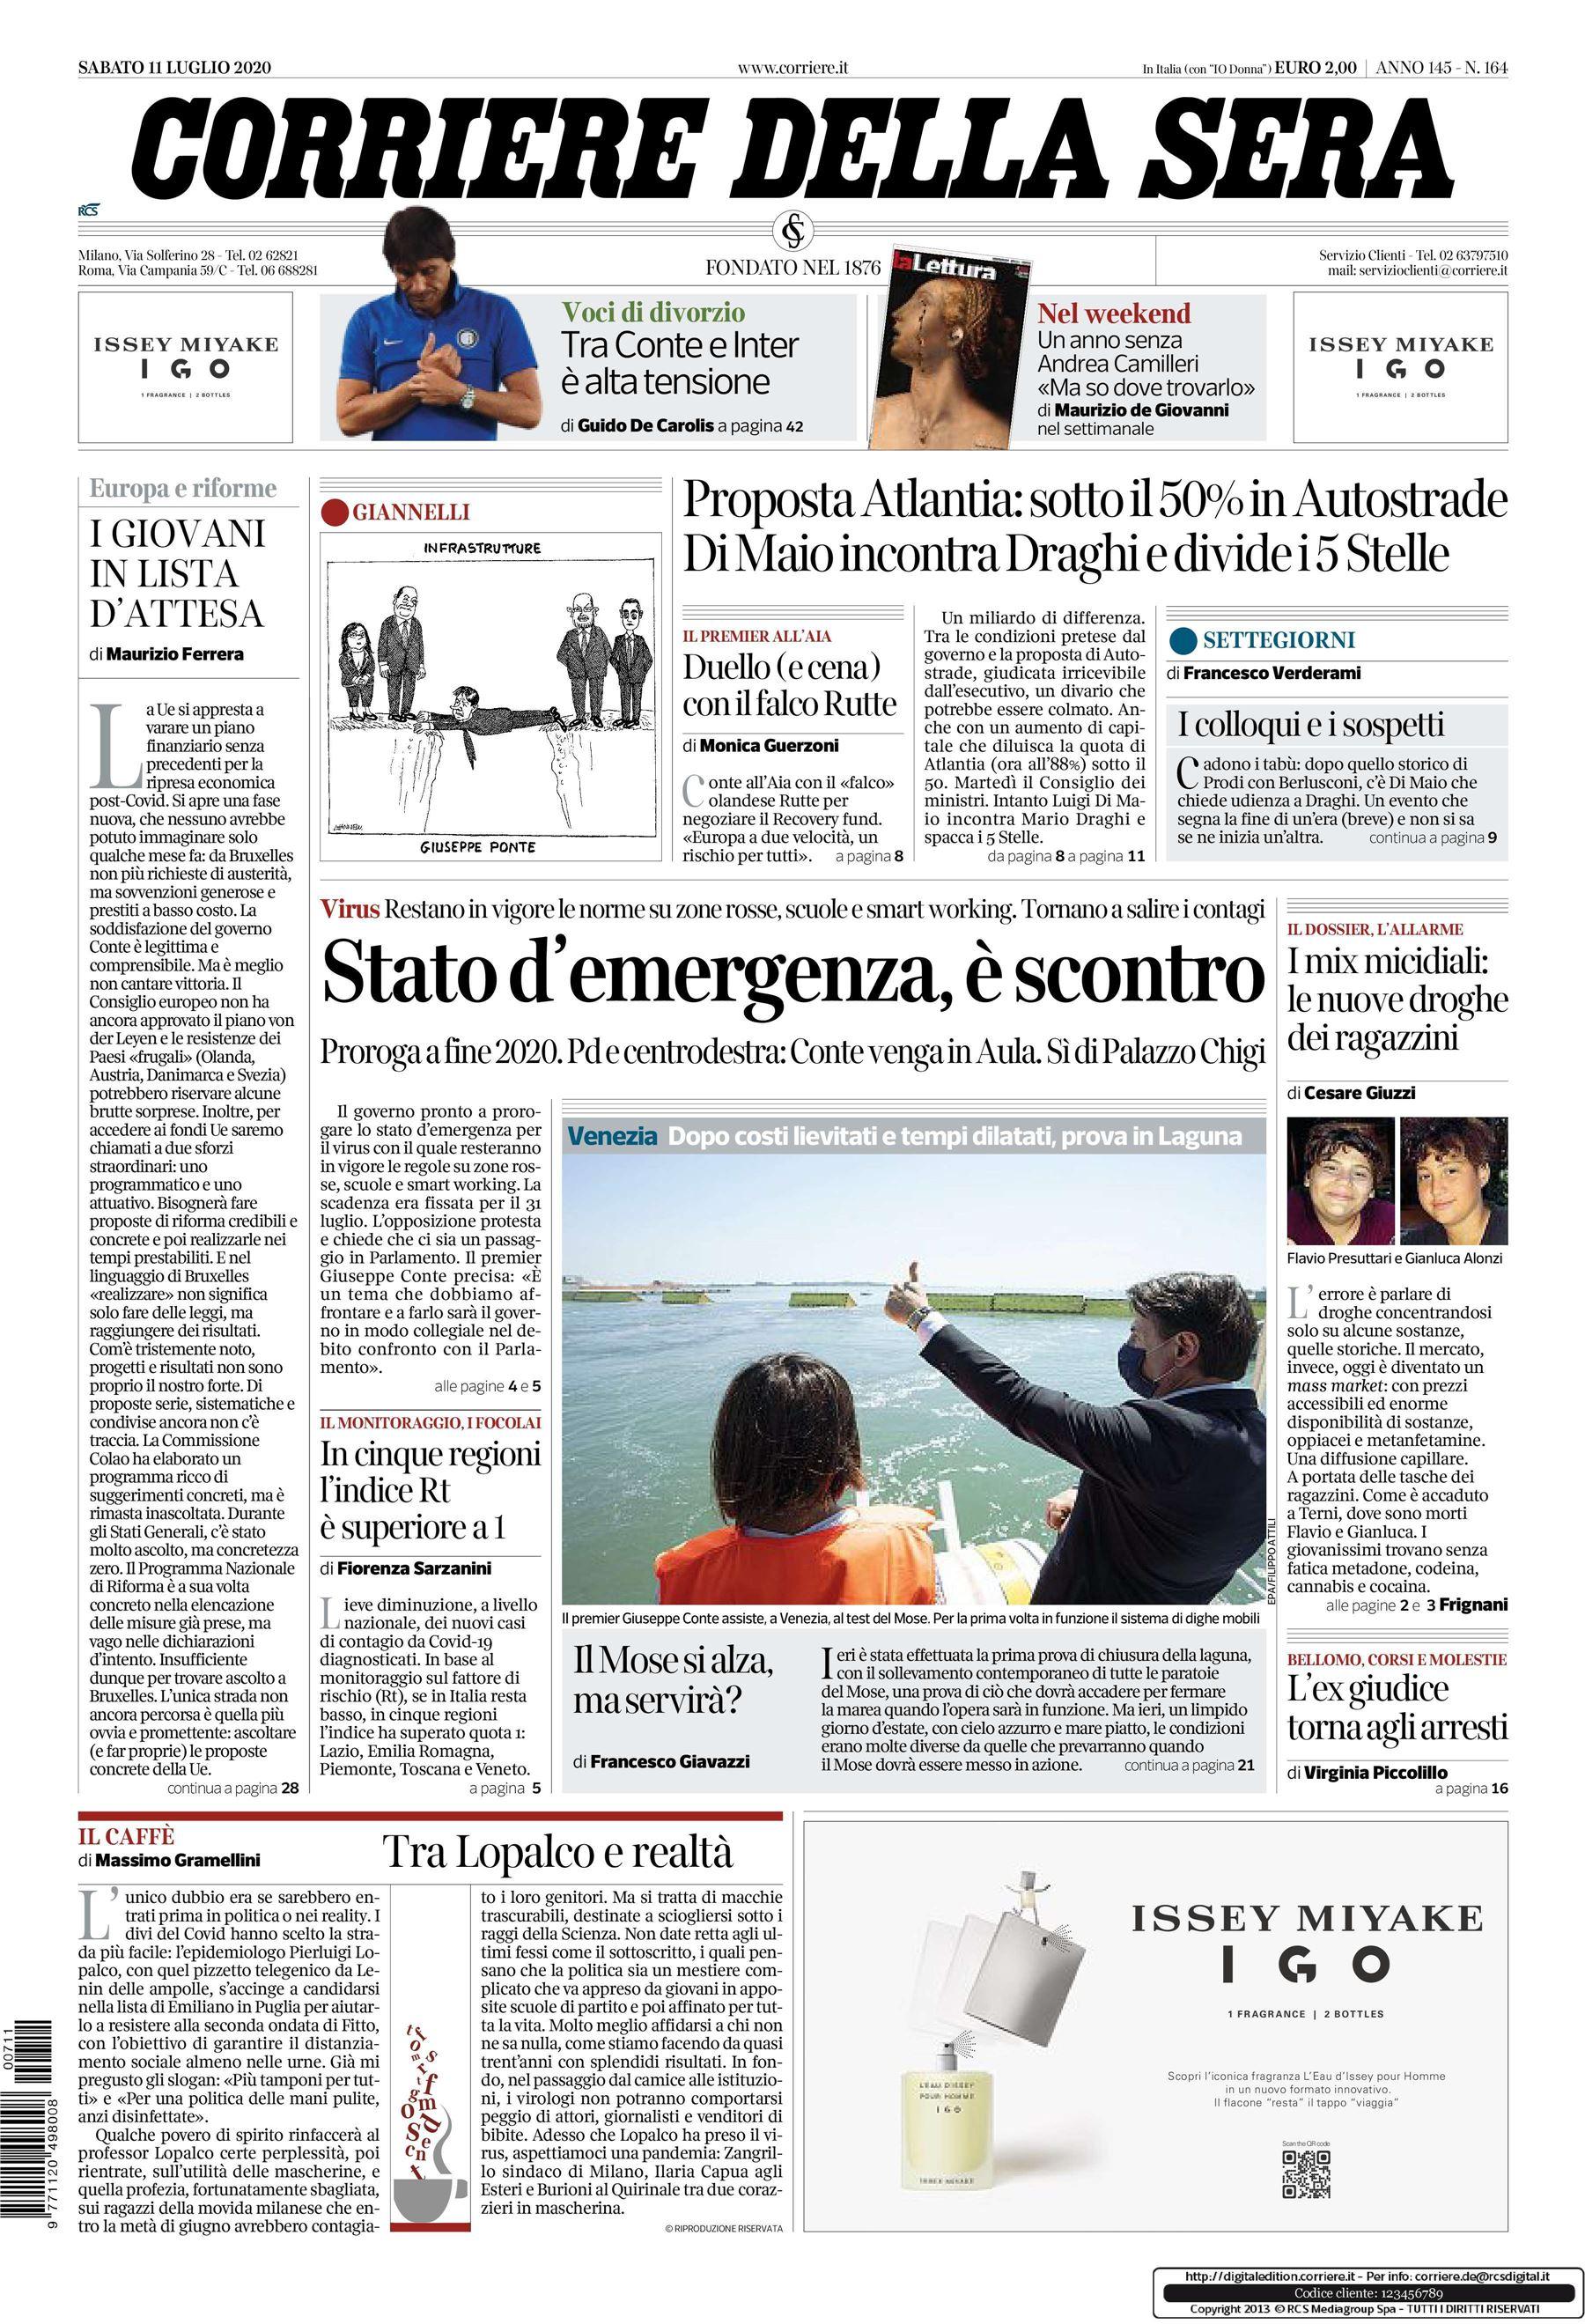 Notizie di oggi: la prima pagina del Corriere della Sera del